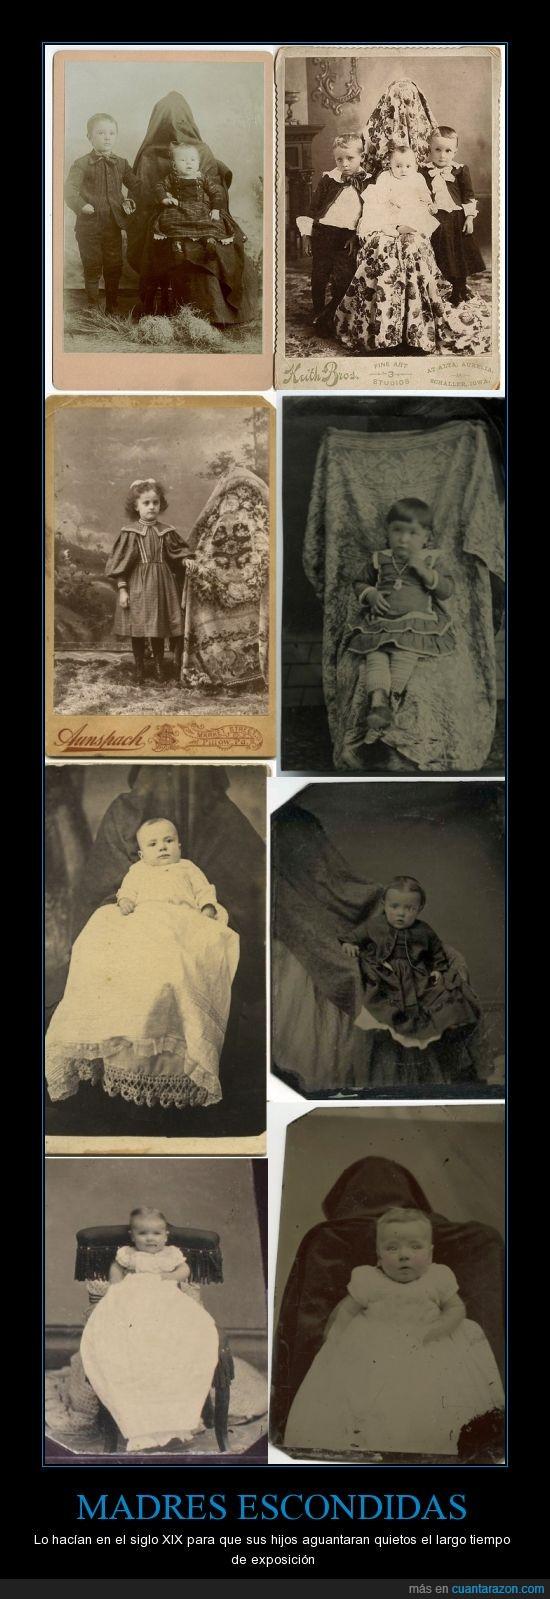 19,epoca,exposición,foto,fotos,madres,niños,siglo,victoriana,XIX